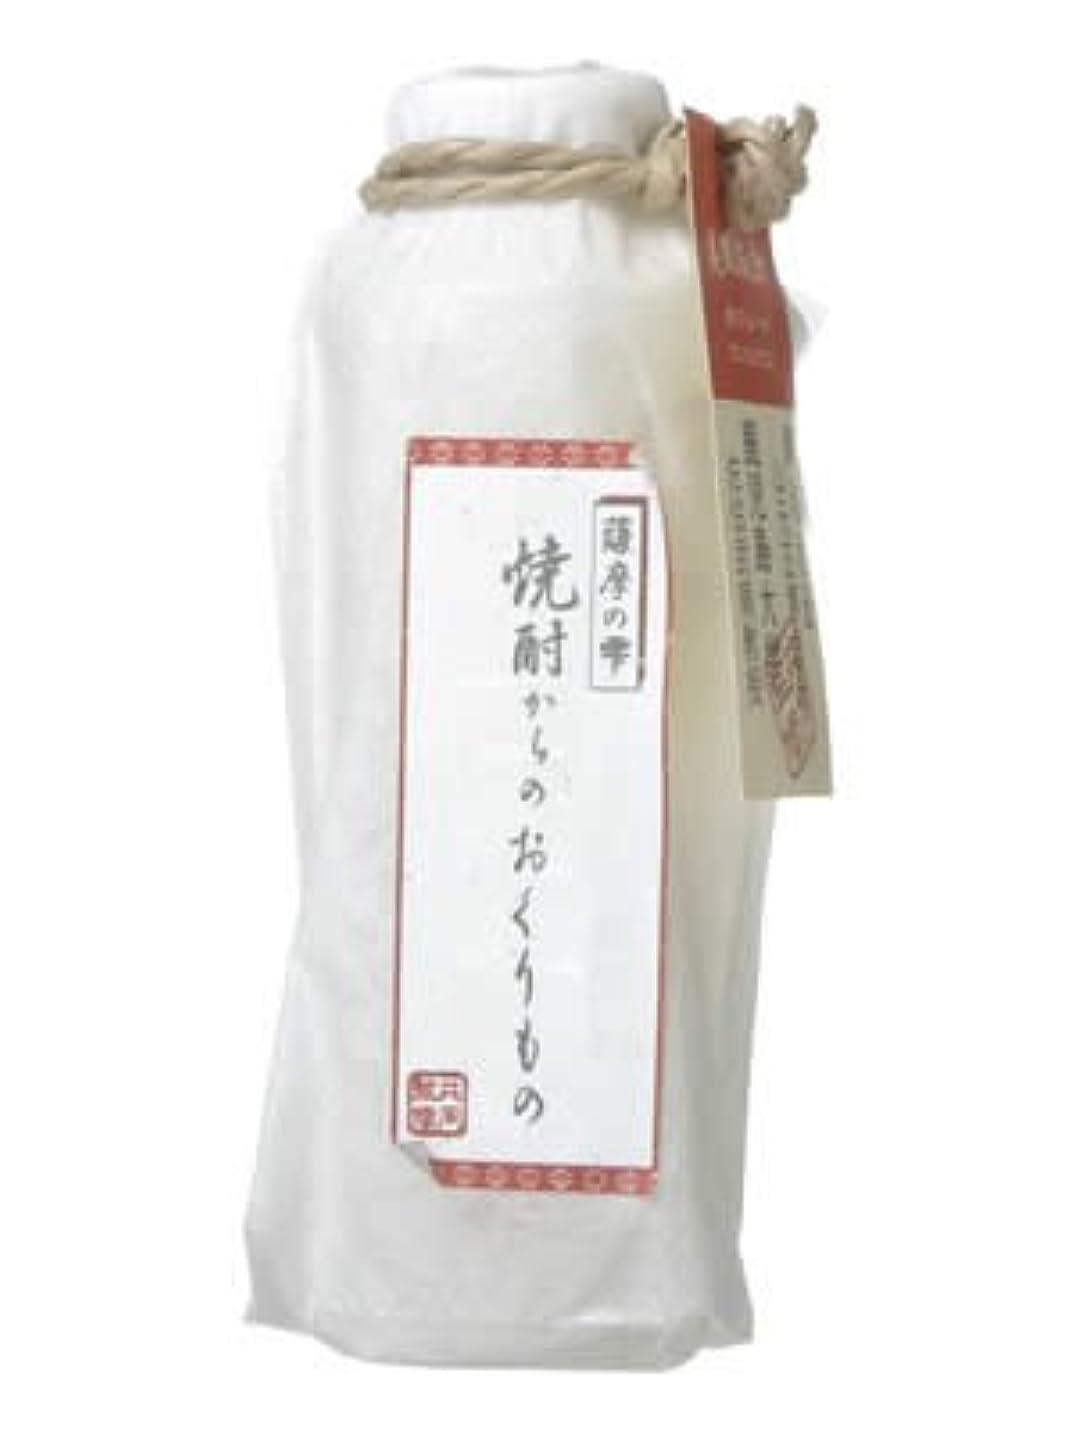 合併無駄にダイエット薩摩の雫 美容液(焼酎からのおくりもの) 200ml